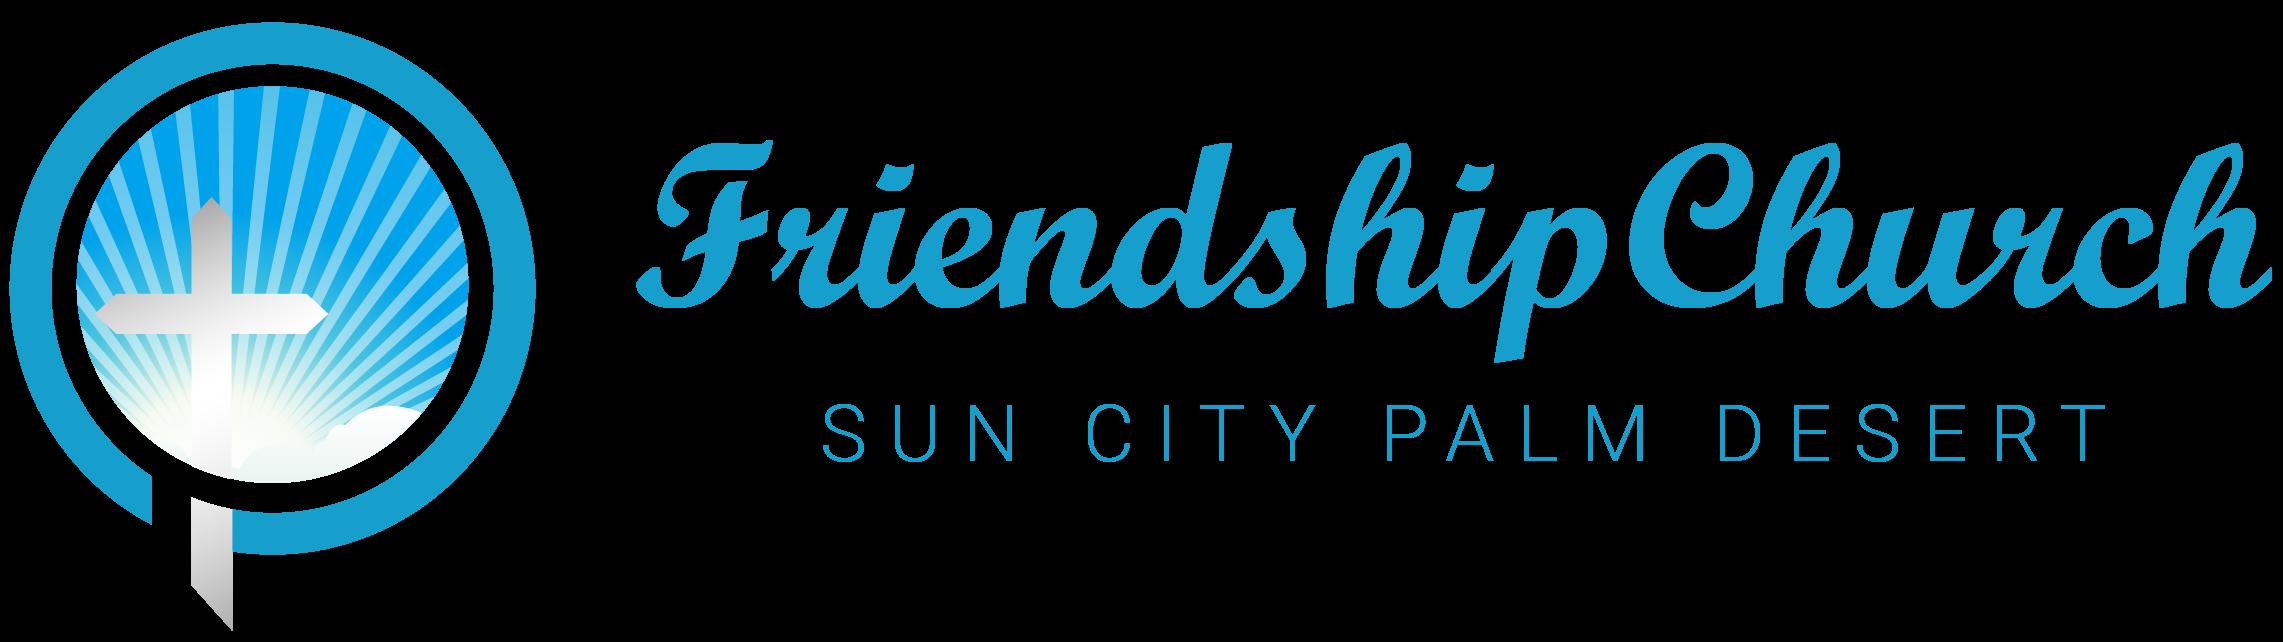 Friendship Church Sun City Logo